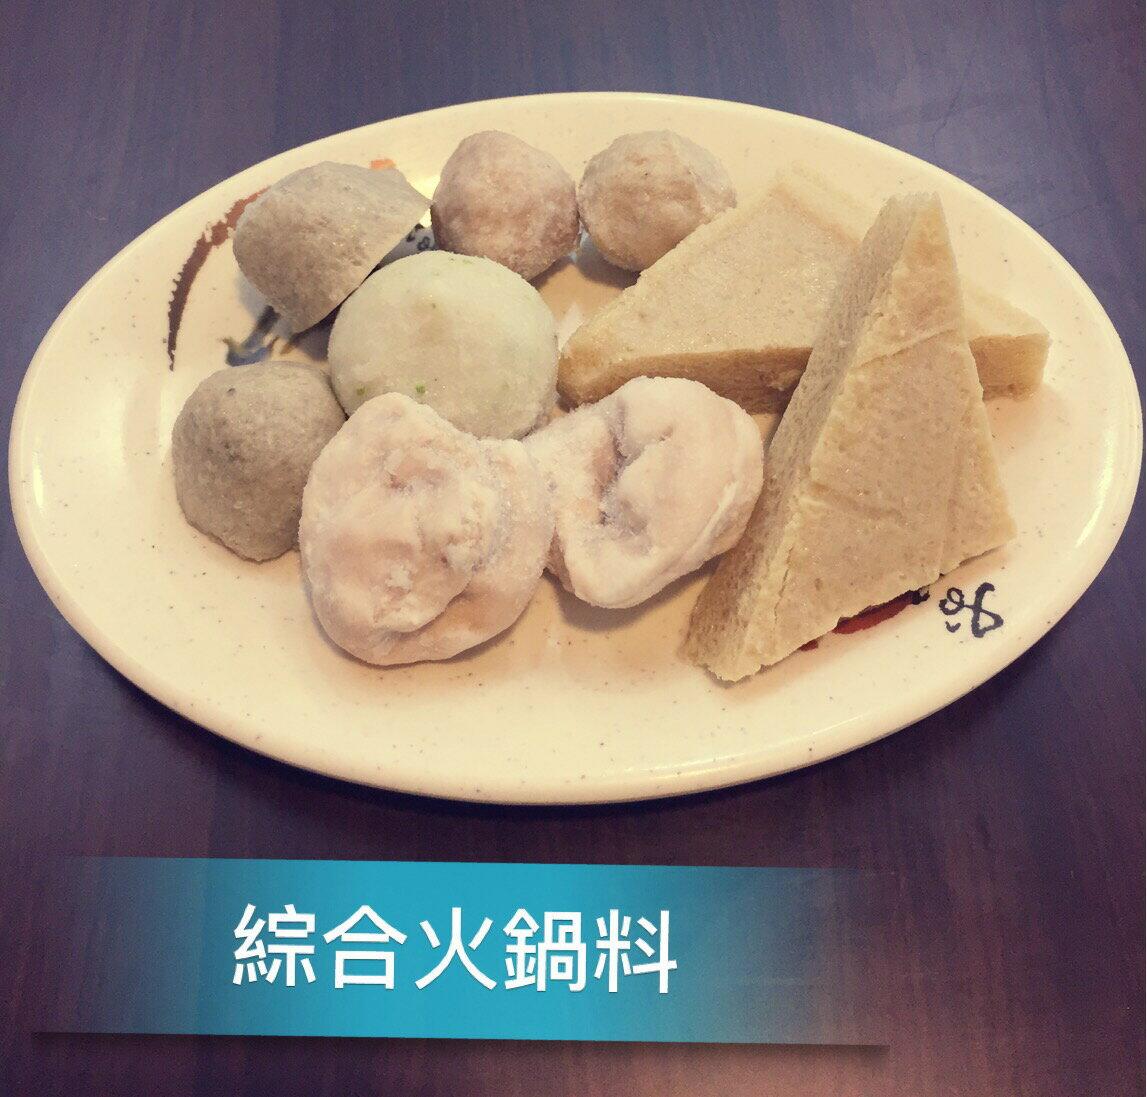 綜合火鍋料 (鱈魚餃x2 冷凍豆腐x2 ?鴨肉貢丸x2 ?虱目魚丸x2 魚包蛋x1)